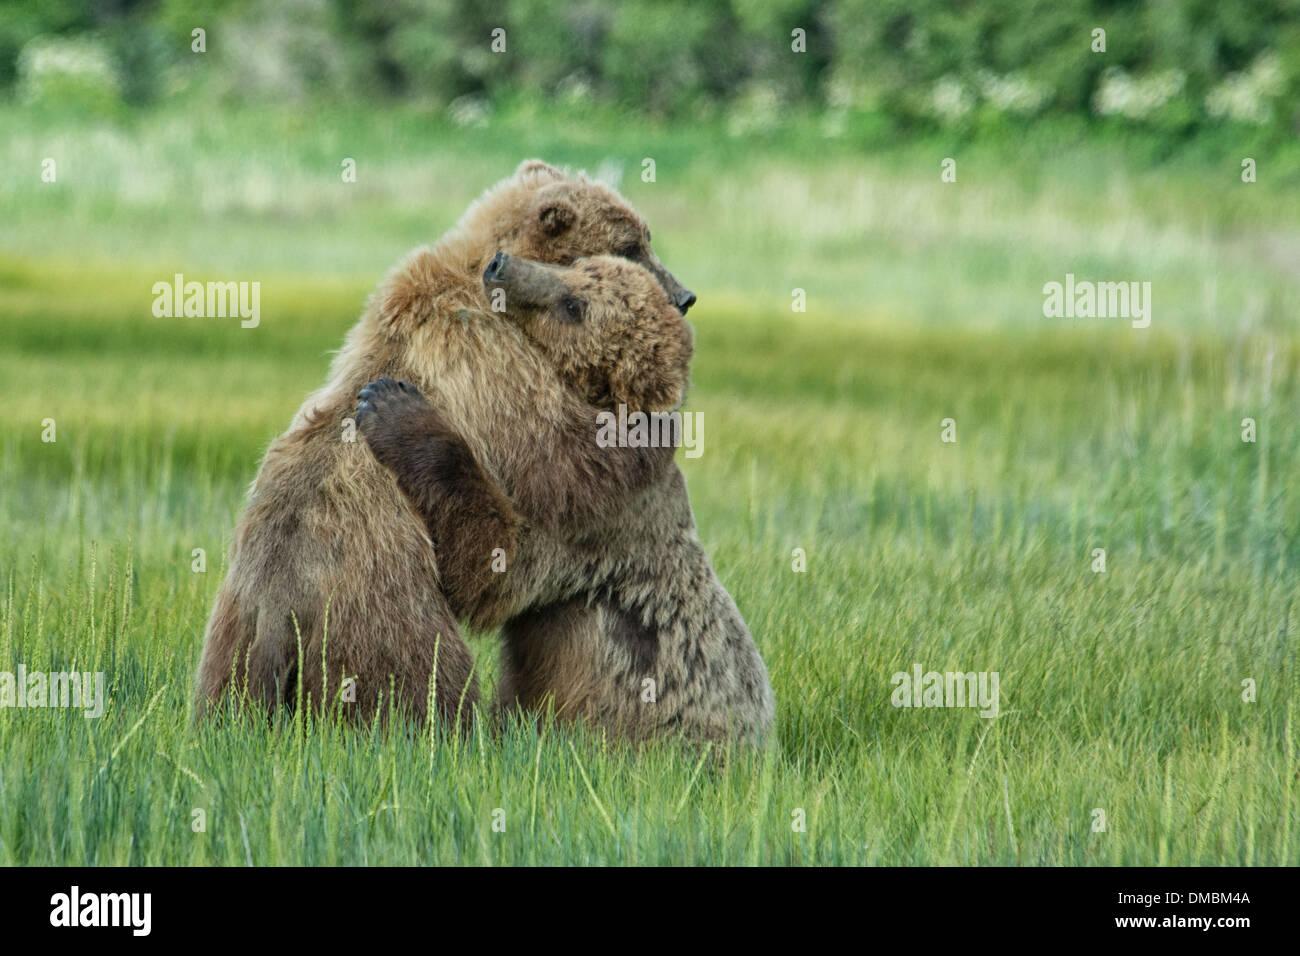 Orso grizzly Yearling Lupetti, Alaskan orsi bruni, Ursus arctos, avvolgente durante un combattimento per un gioco di combattimento, il Parco Nazionale del Lago Clark, Alaska, STATI UNITI D'AMERICA Immagini Stock